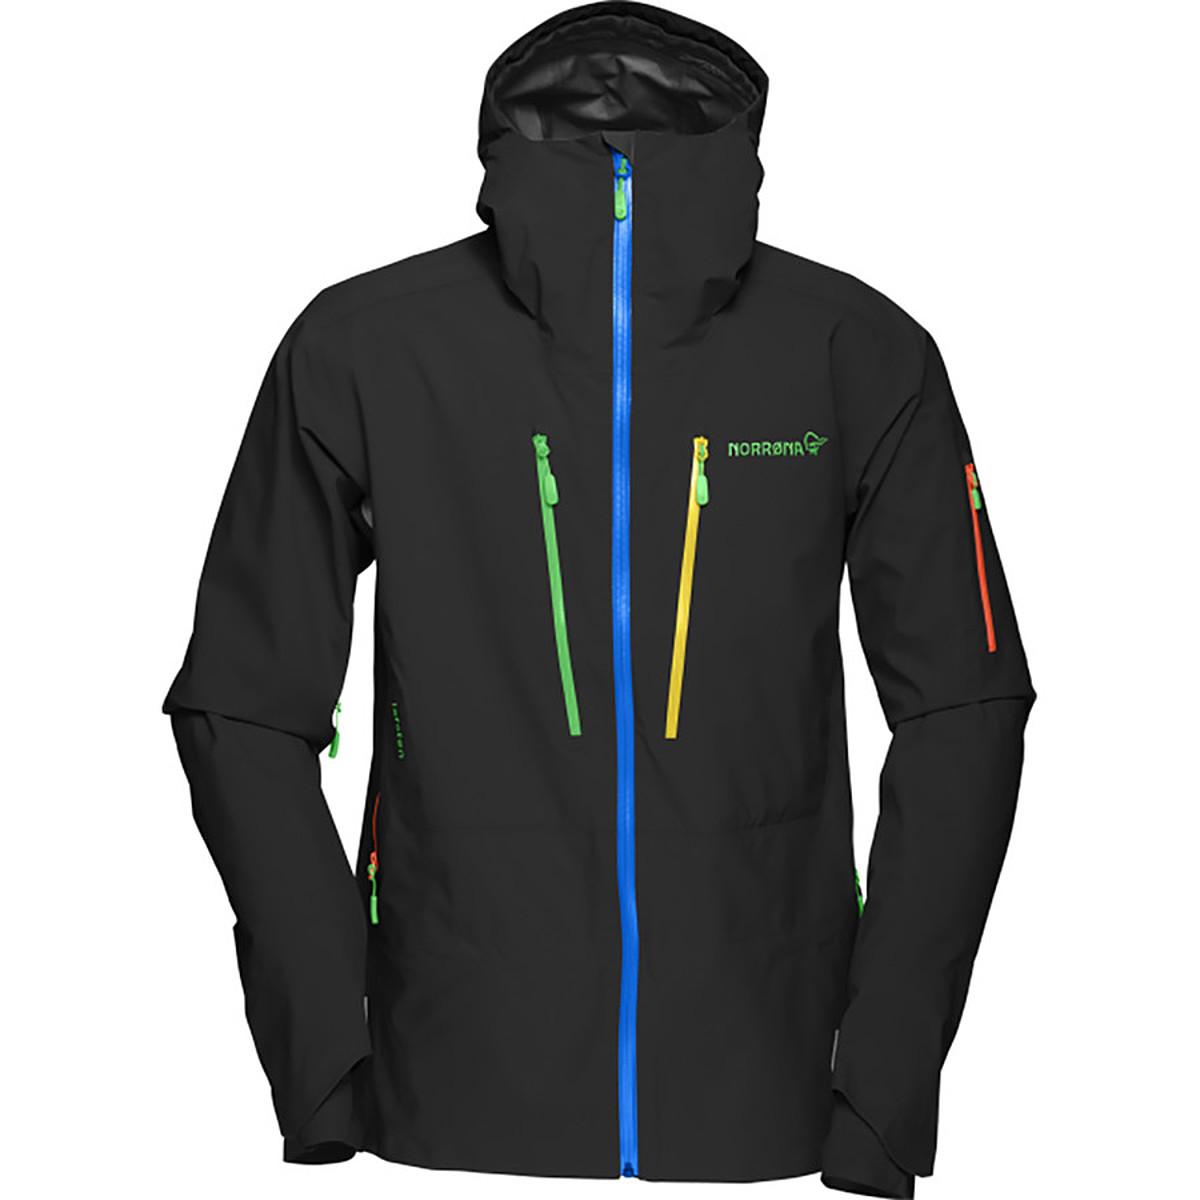 photo: Norrona Men's Lofoten Gore-Tex Pro Shell Jacket waterproof jacket